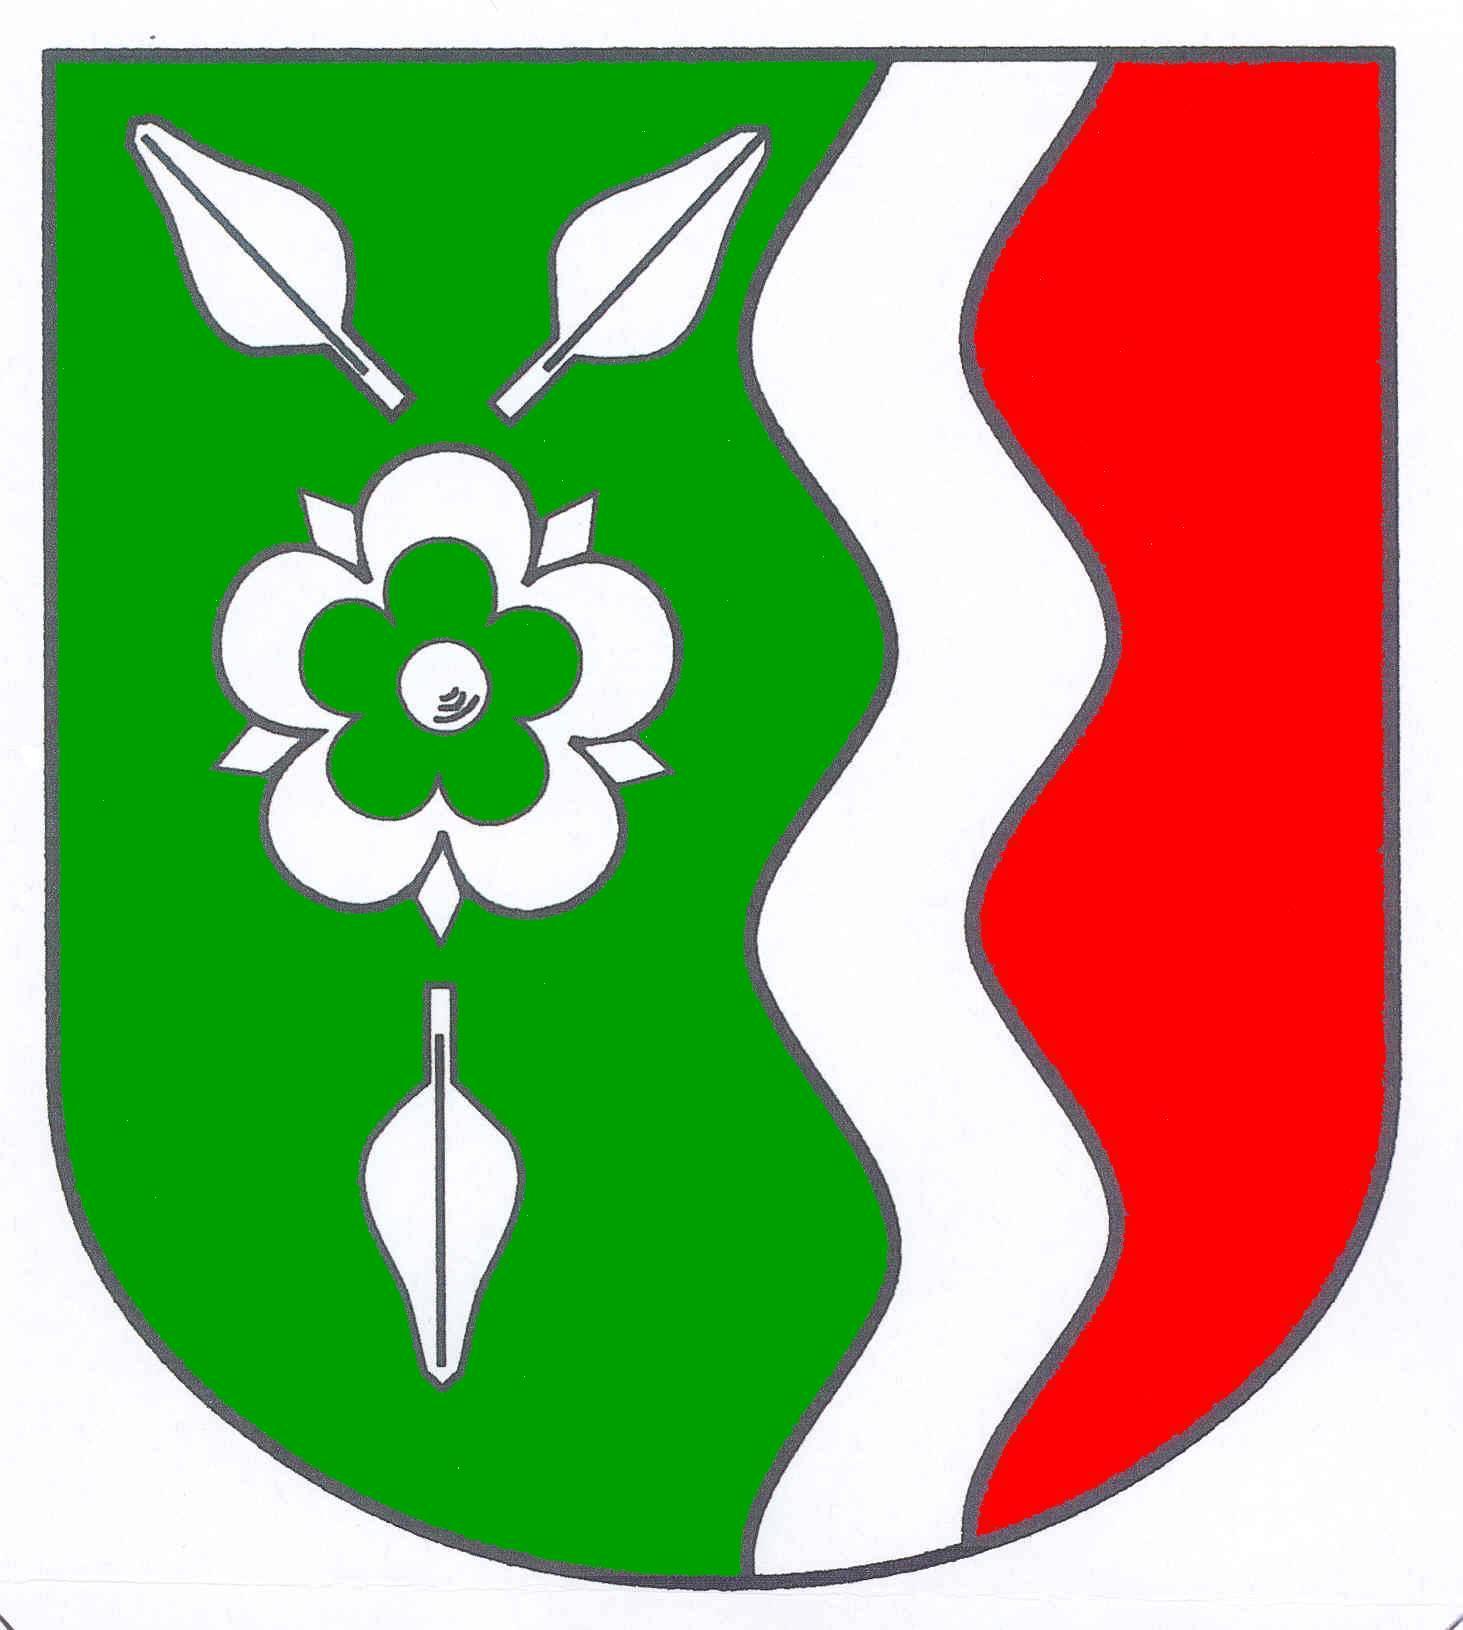 Wappen GemeindeKittlitz, Kreis Herzogtum Lauenburg